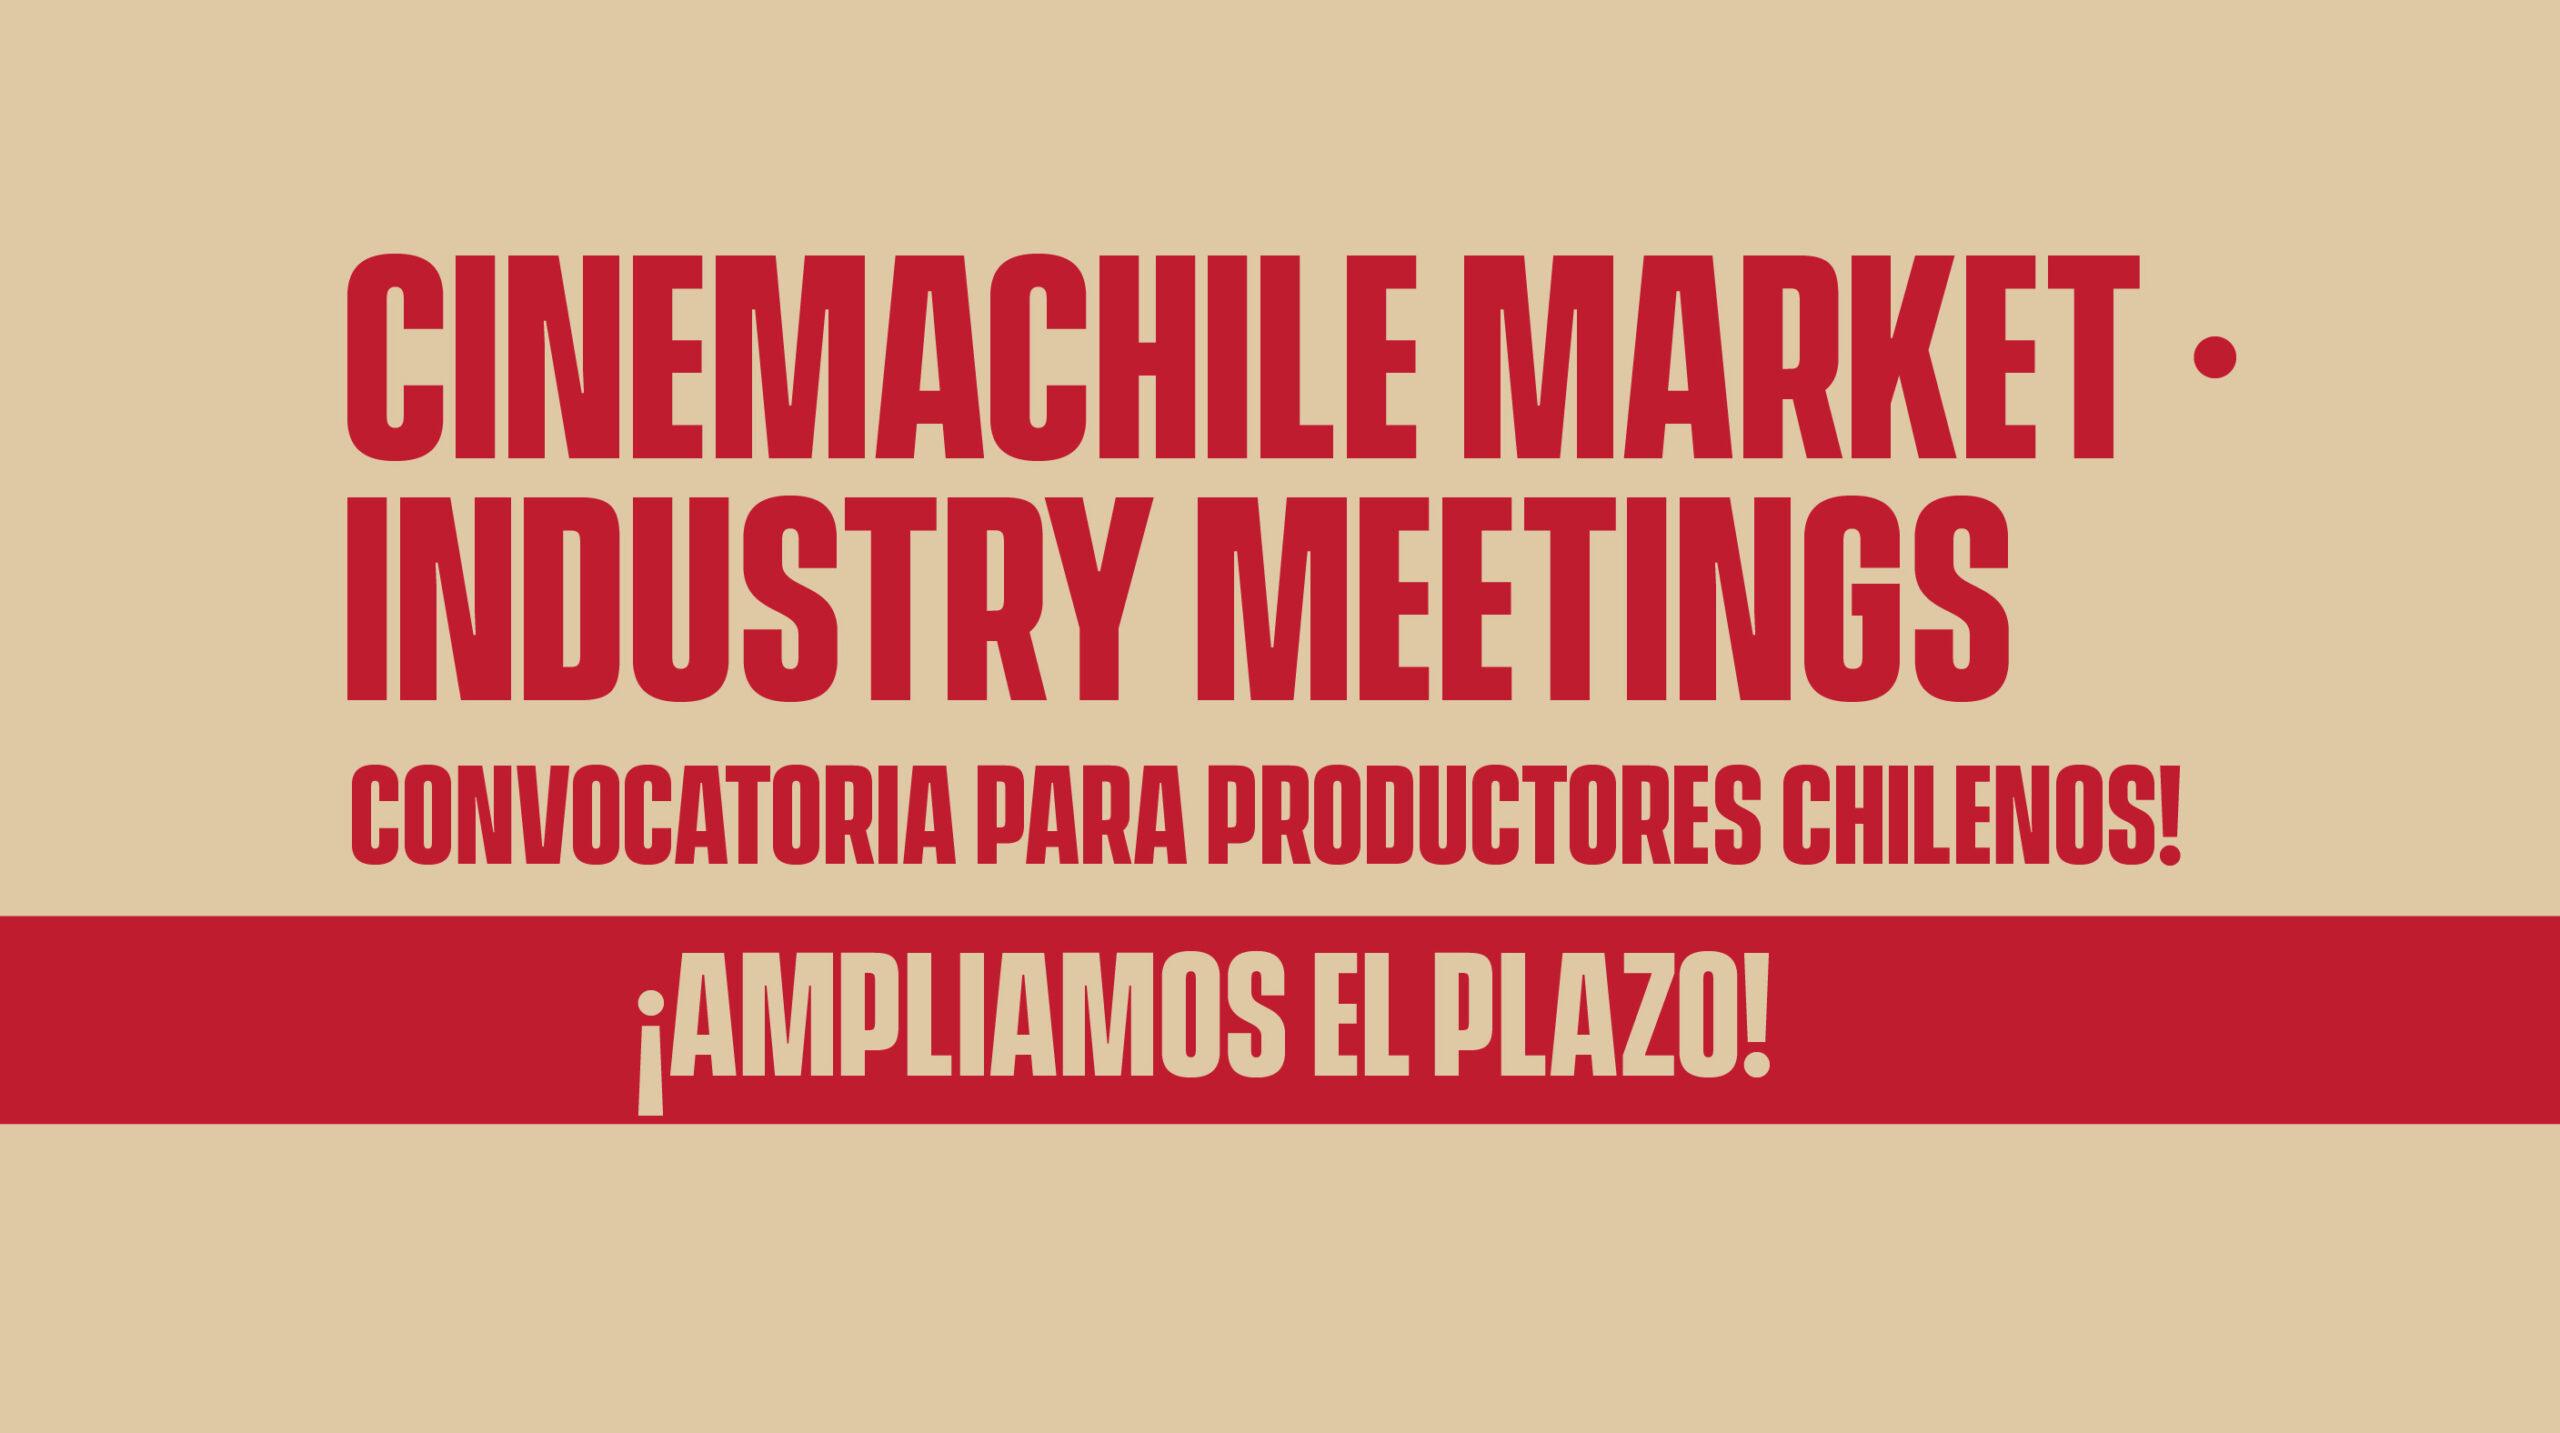 """CONVOCATORIA CERRADA // Postula y sé parte de nuestro primer encuentro """"CinemaChile Market – Industry Meetings"""""""